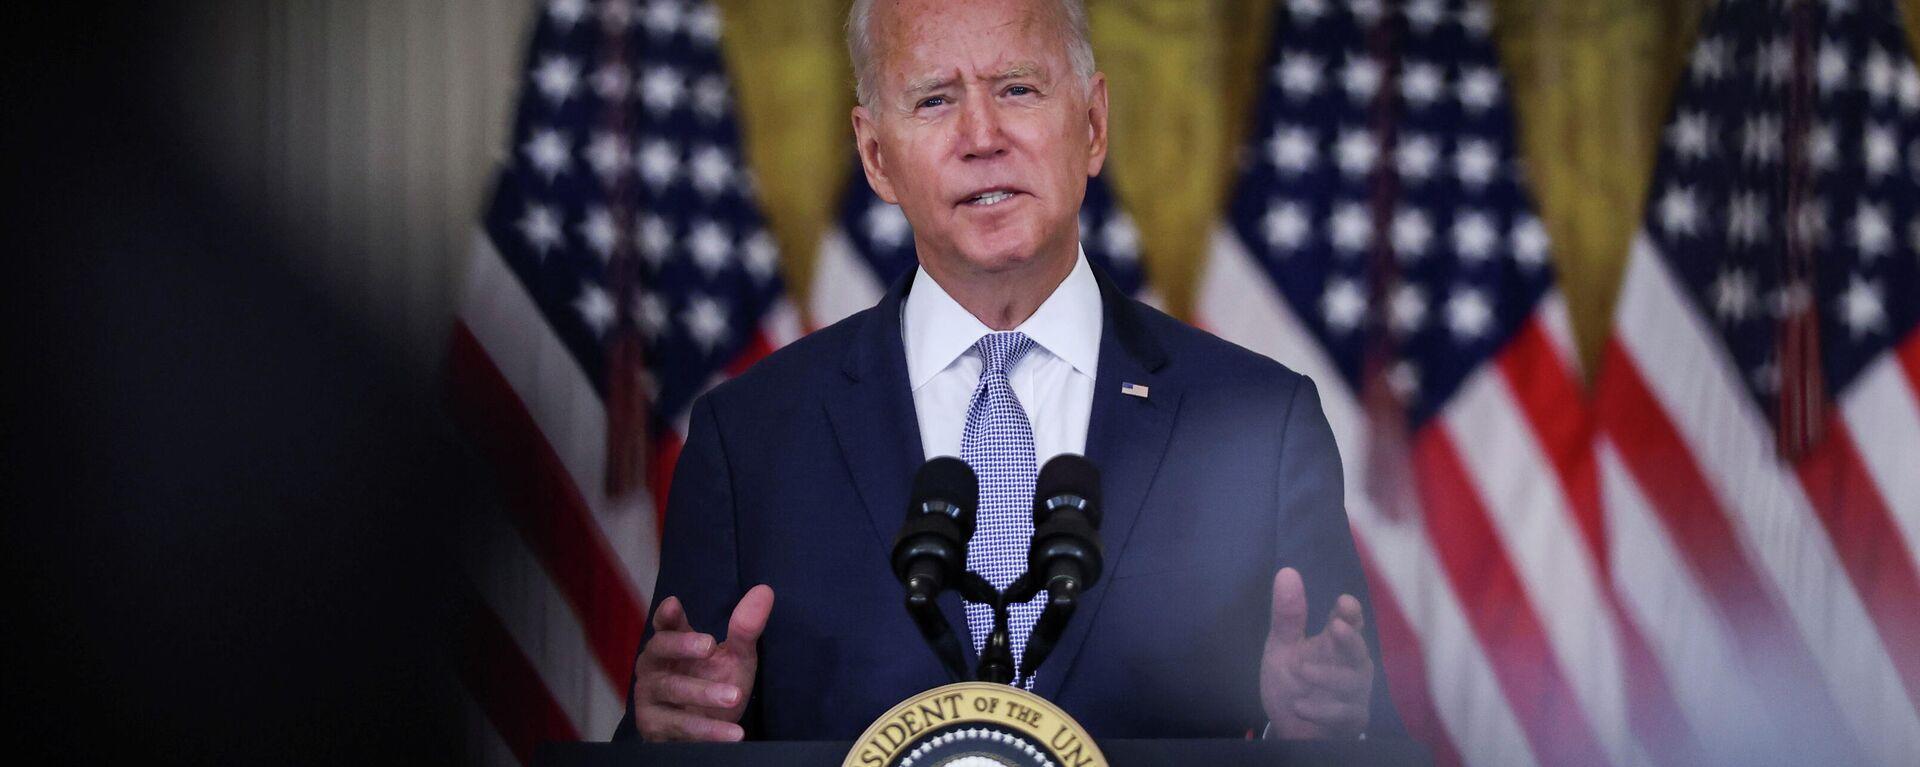 El presidente de EEUU, Joe Biden - Sputnik Mundo, 1920, 17.08.2021